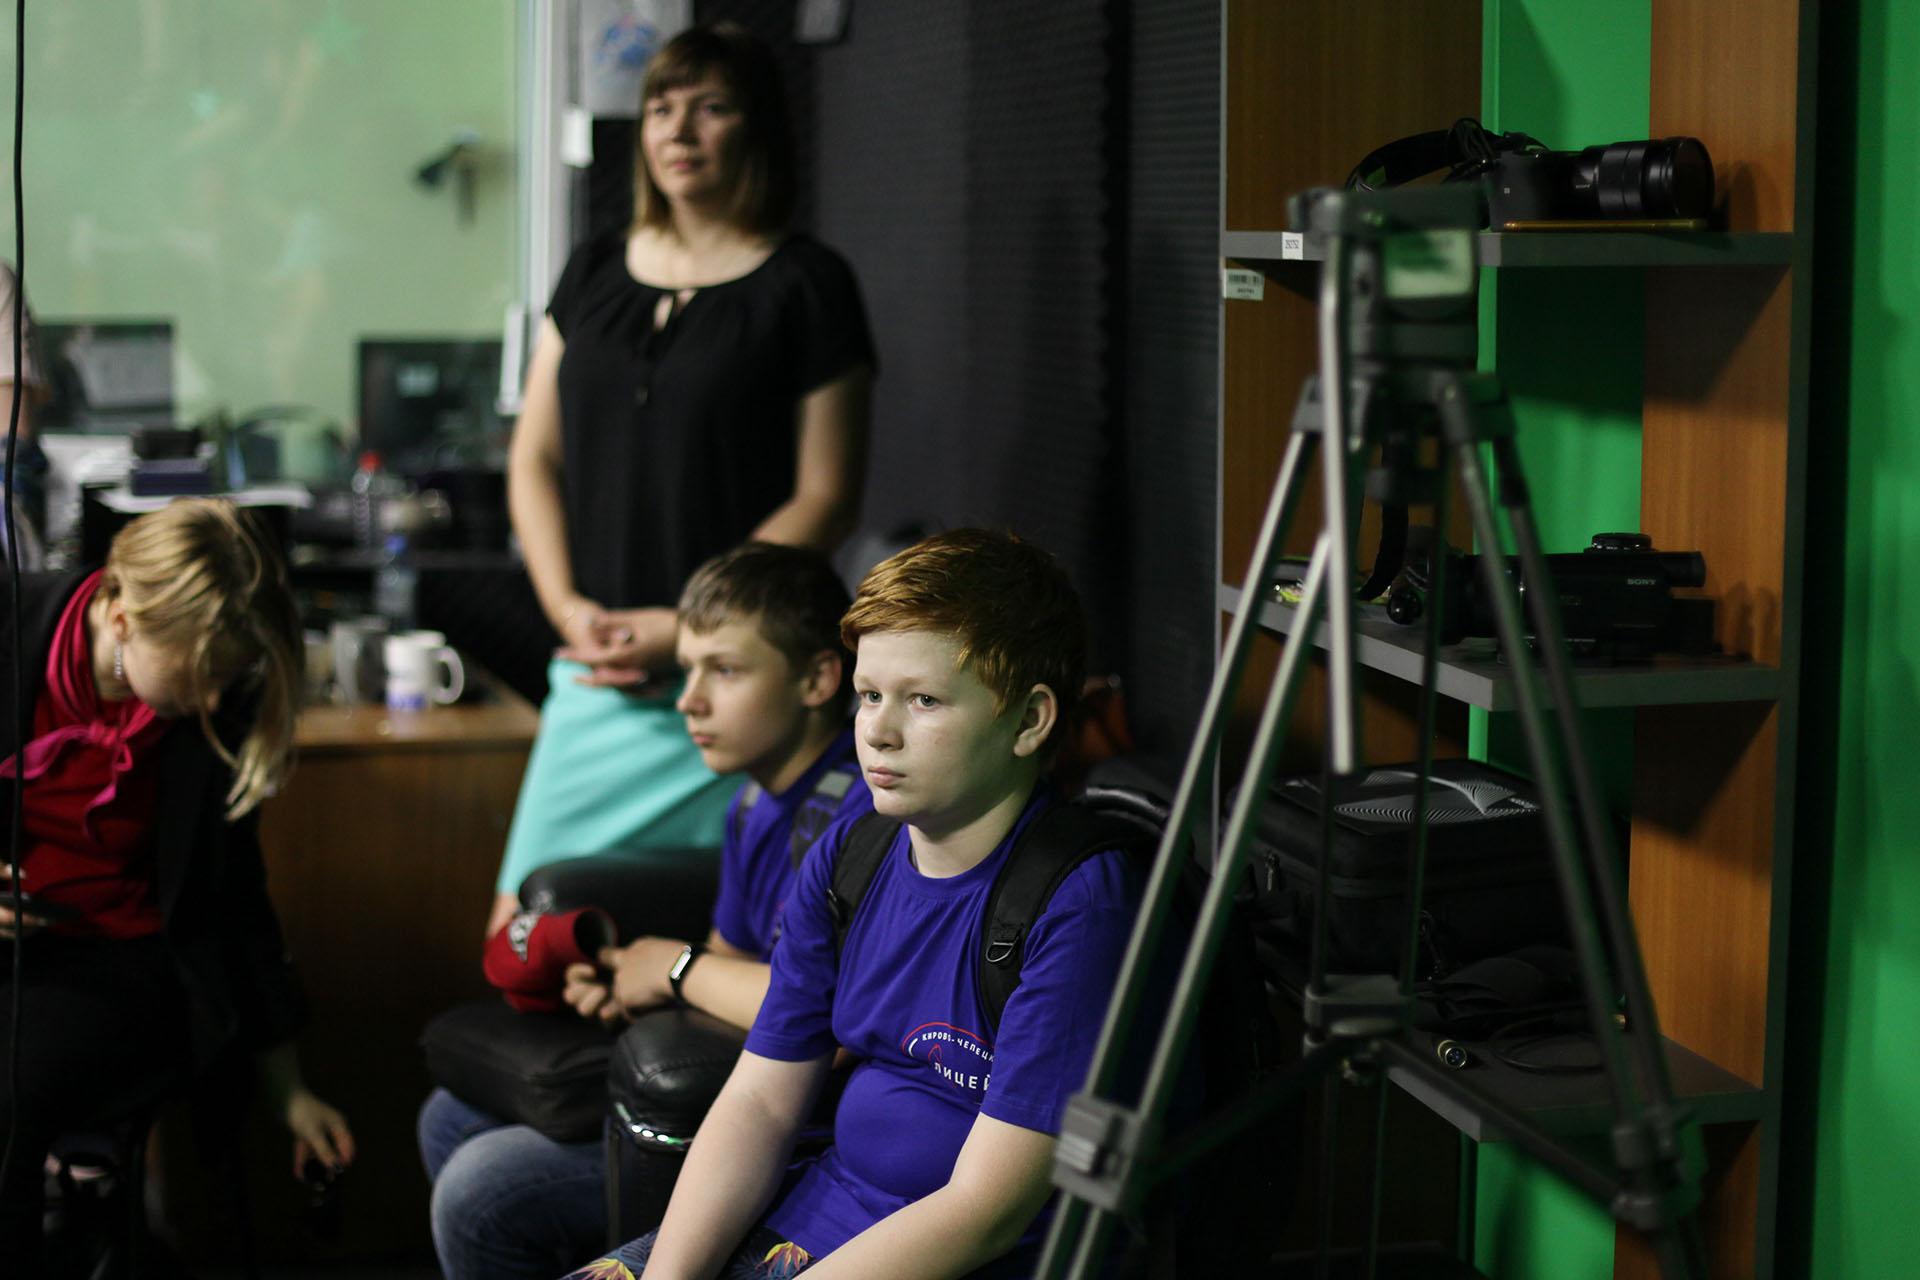 В журналистику идут взрослые дети